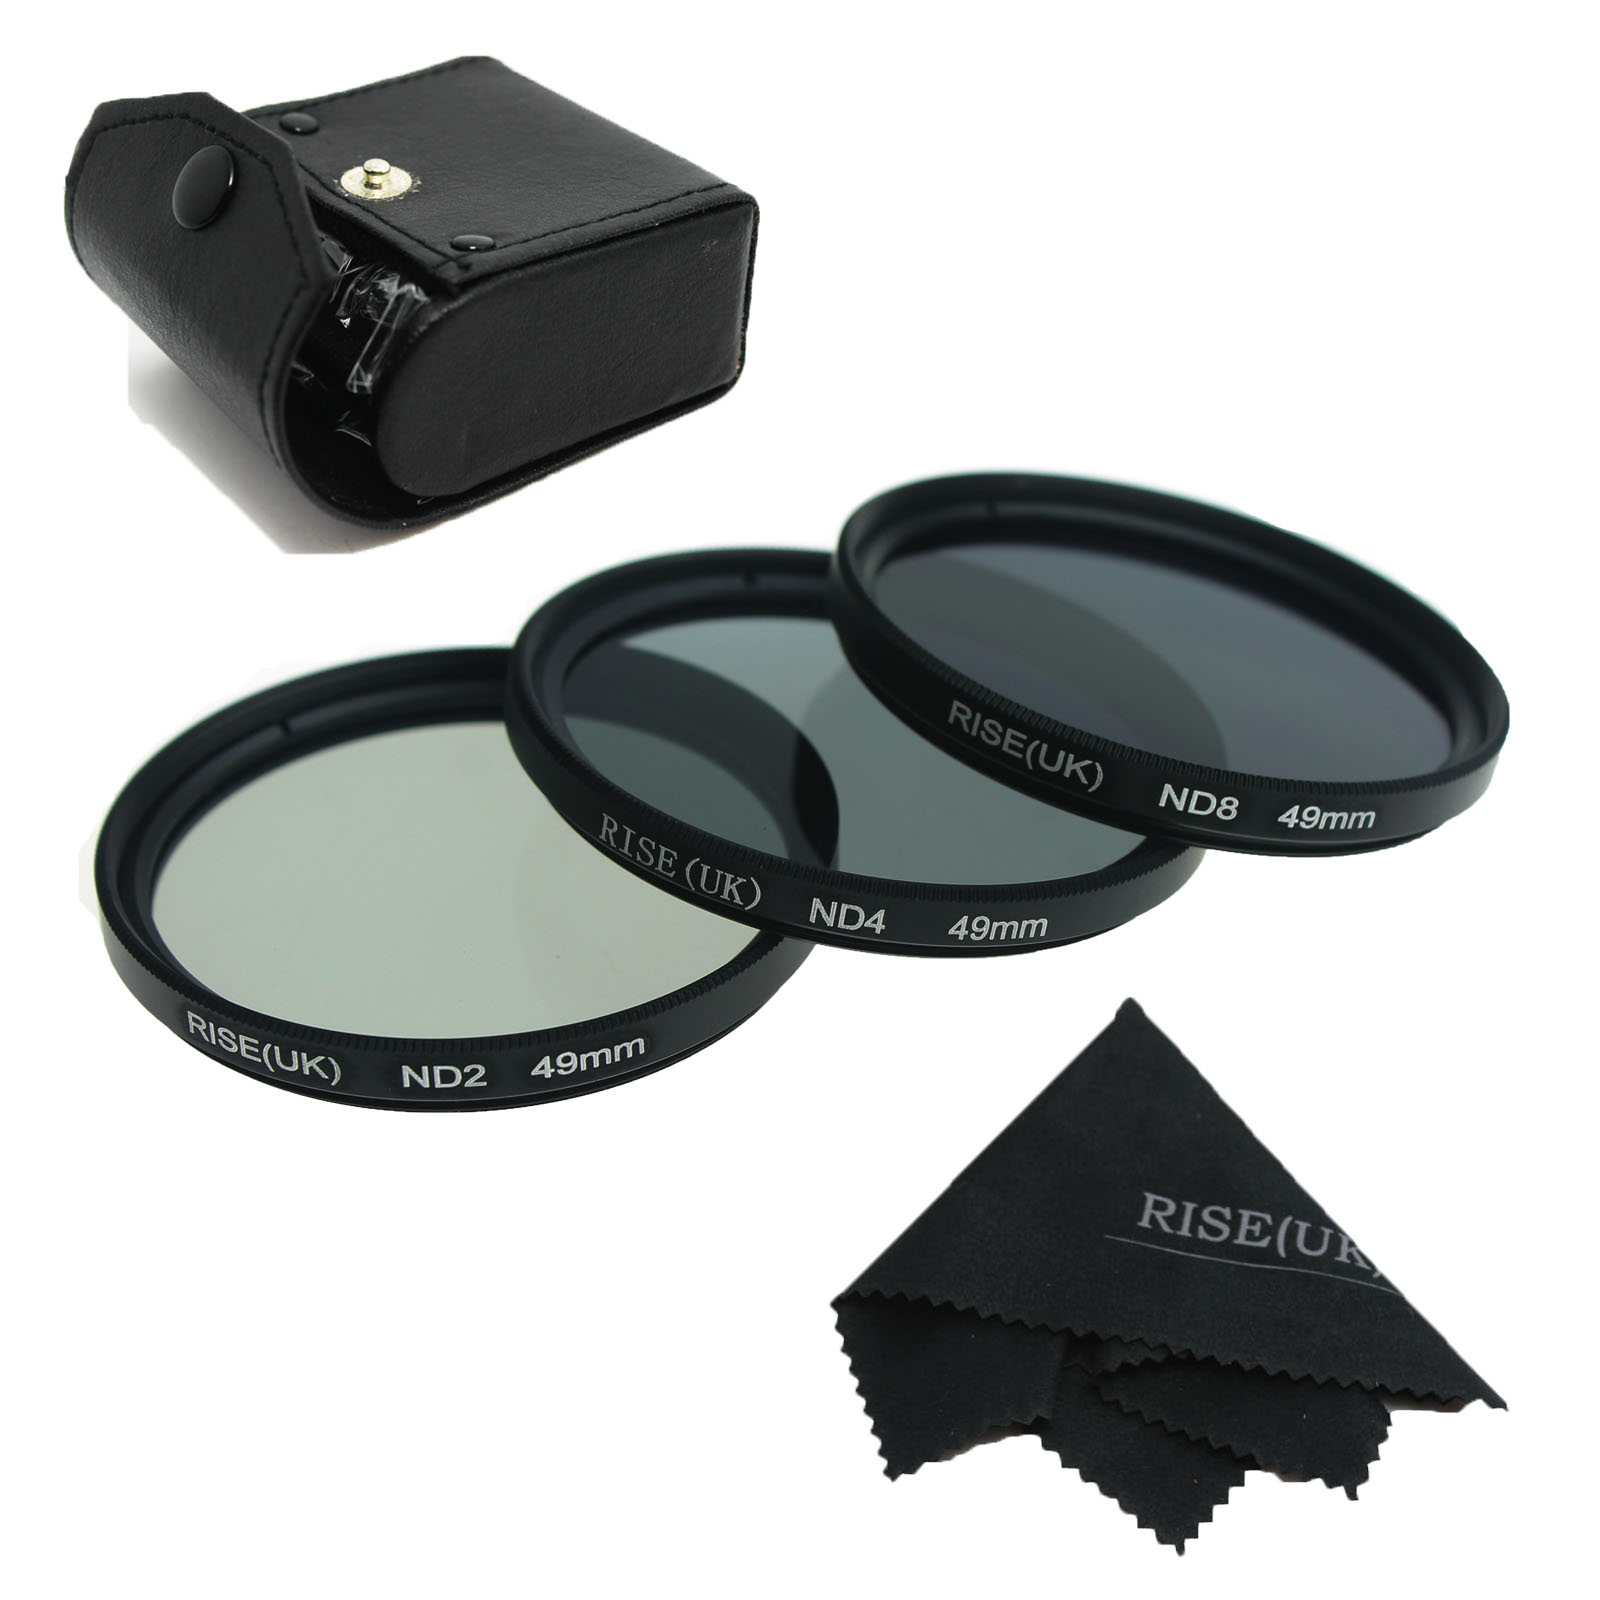 RISE(UK) 49mm 52mm 55mm 58mm 62mm 67mm 72mm 77MM Neutral Density Filter Lens Set Kit ND2 ND4 ND8 ND 2 4 8 sakar 58mm 2 2x telephoto lens filter set